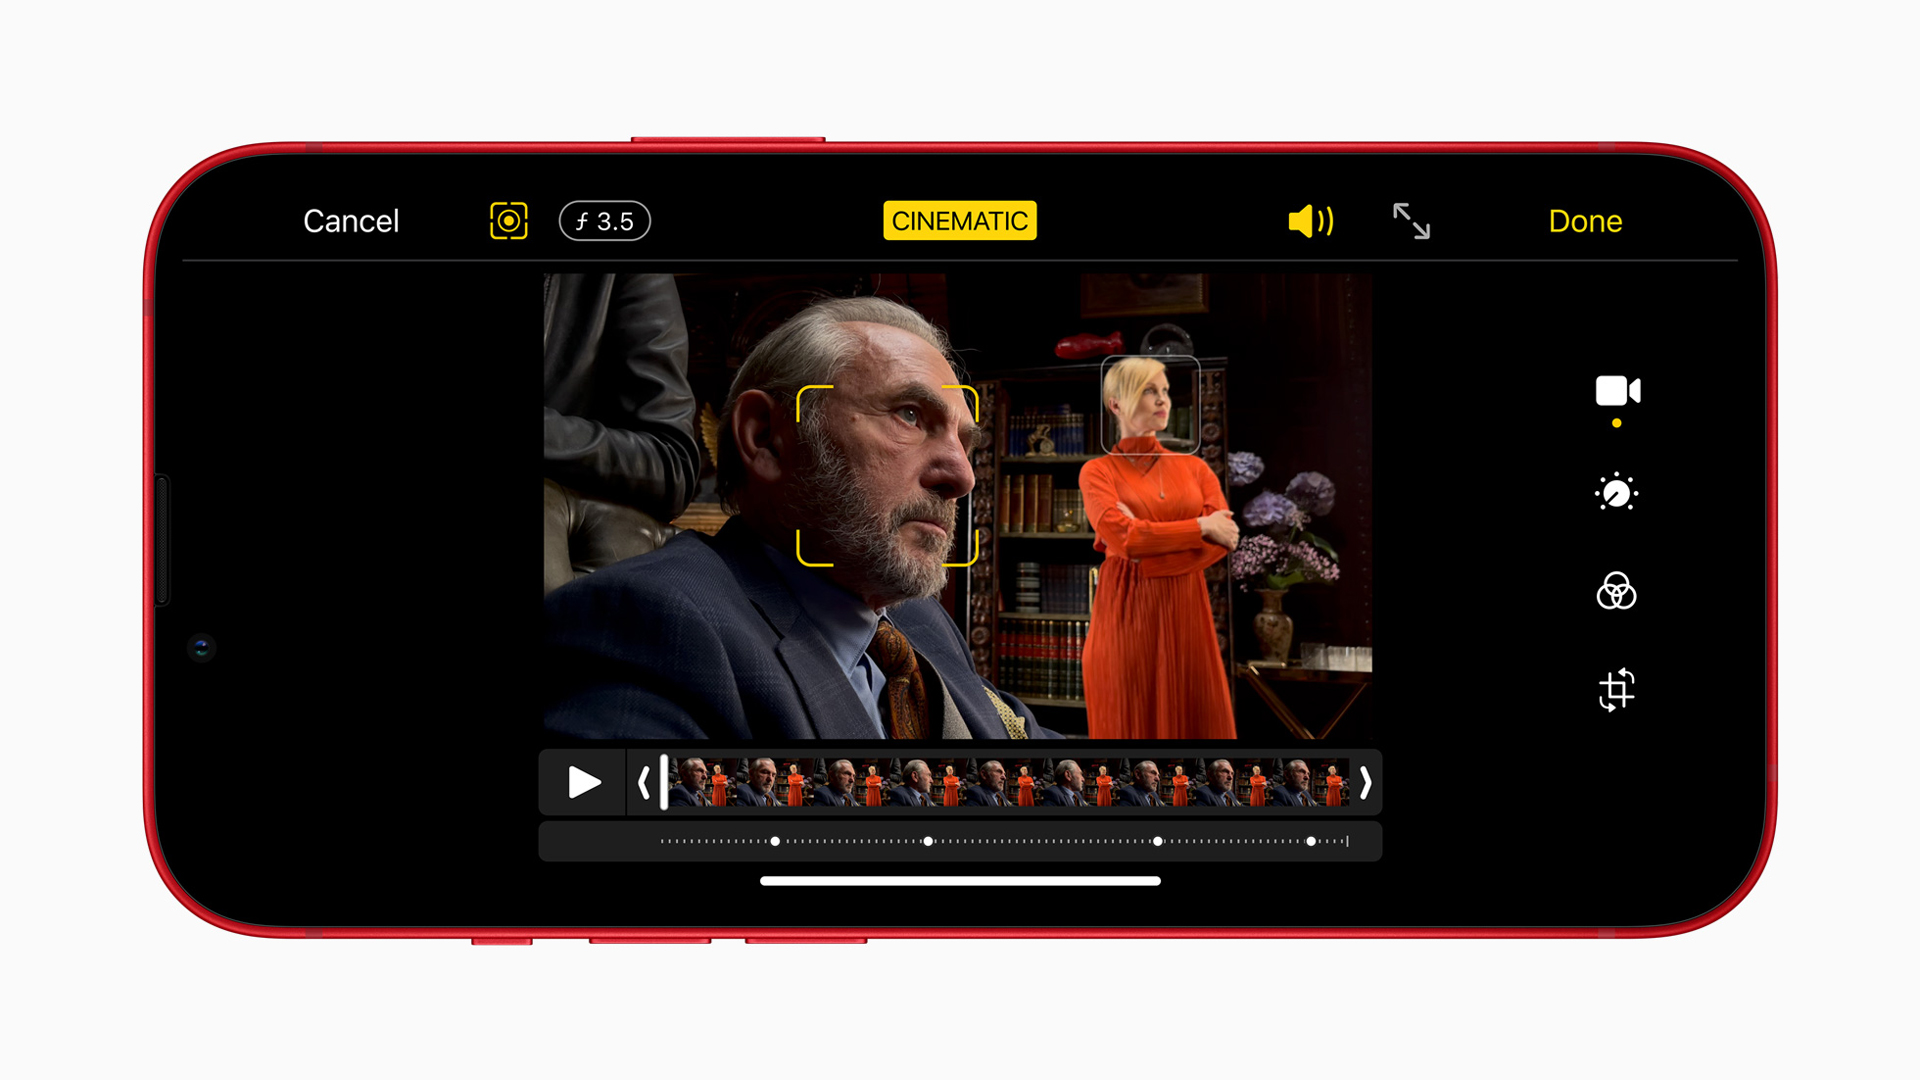 Der Kinomodus des iPhone 13 mini und iPhone 13 zeigt einen Mann nah sowie eine Frau im Hintergrund.